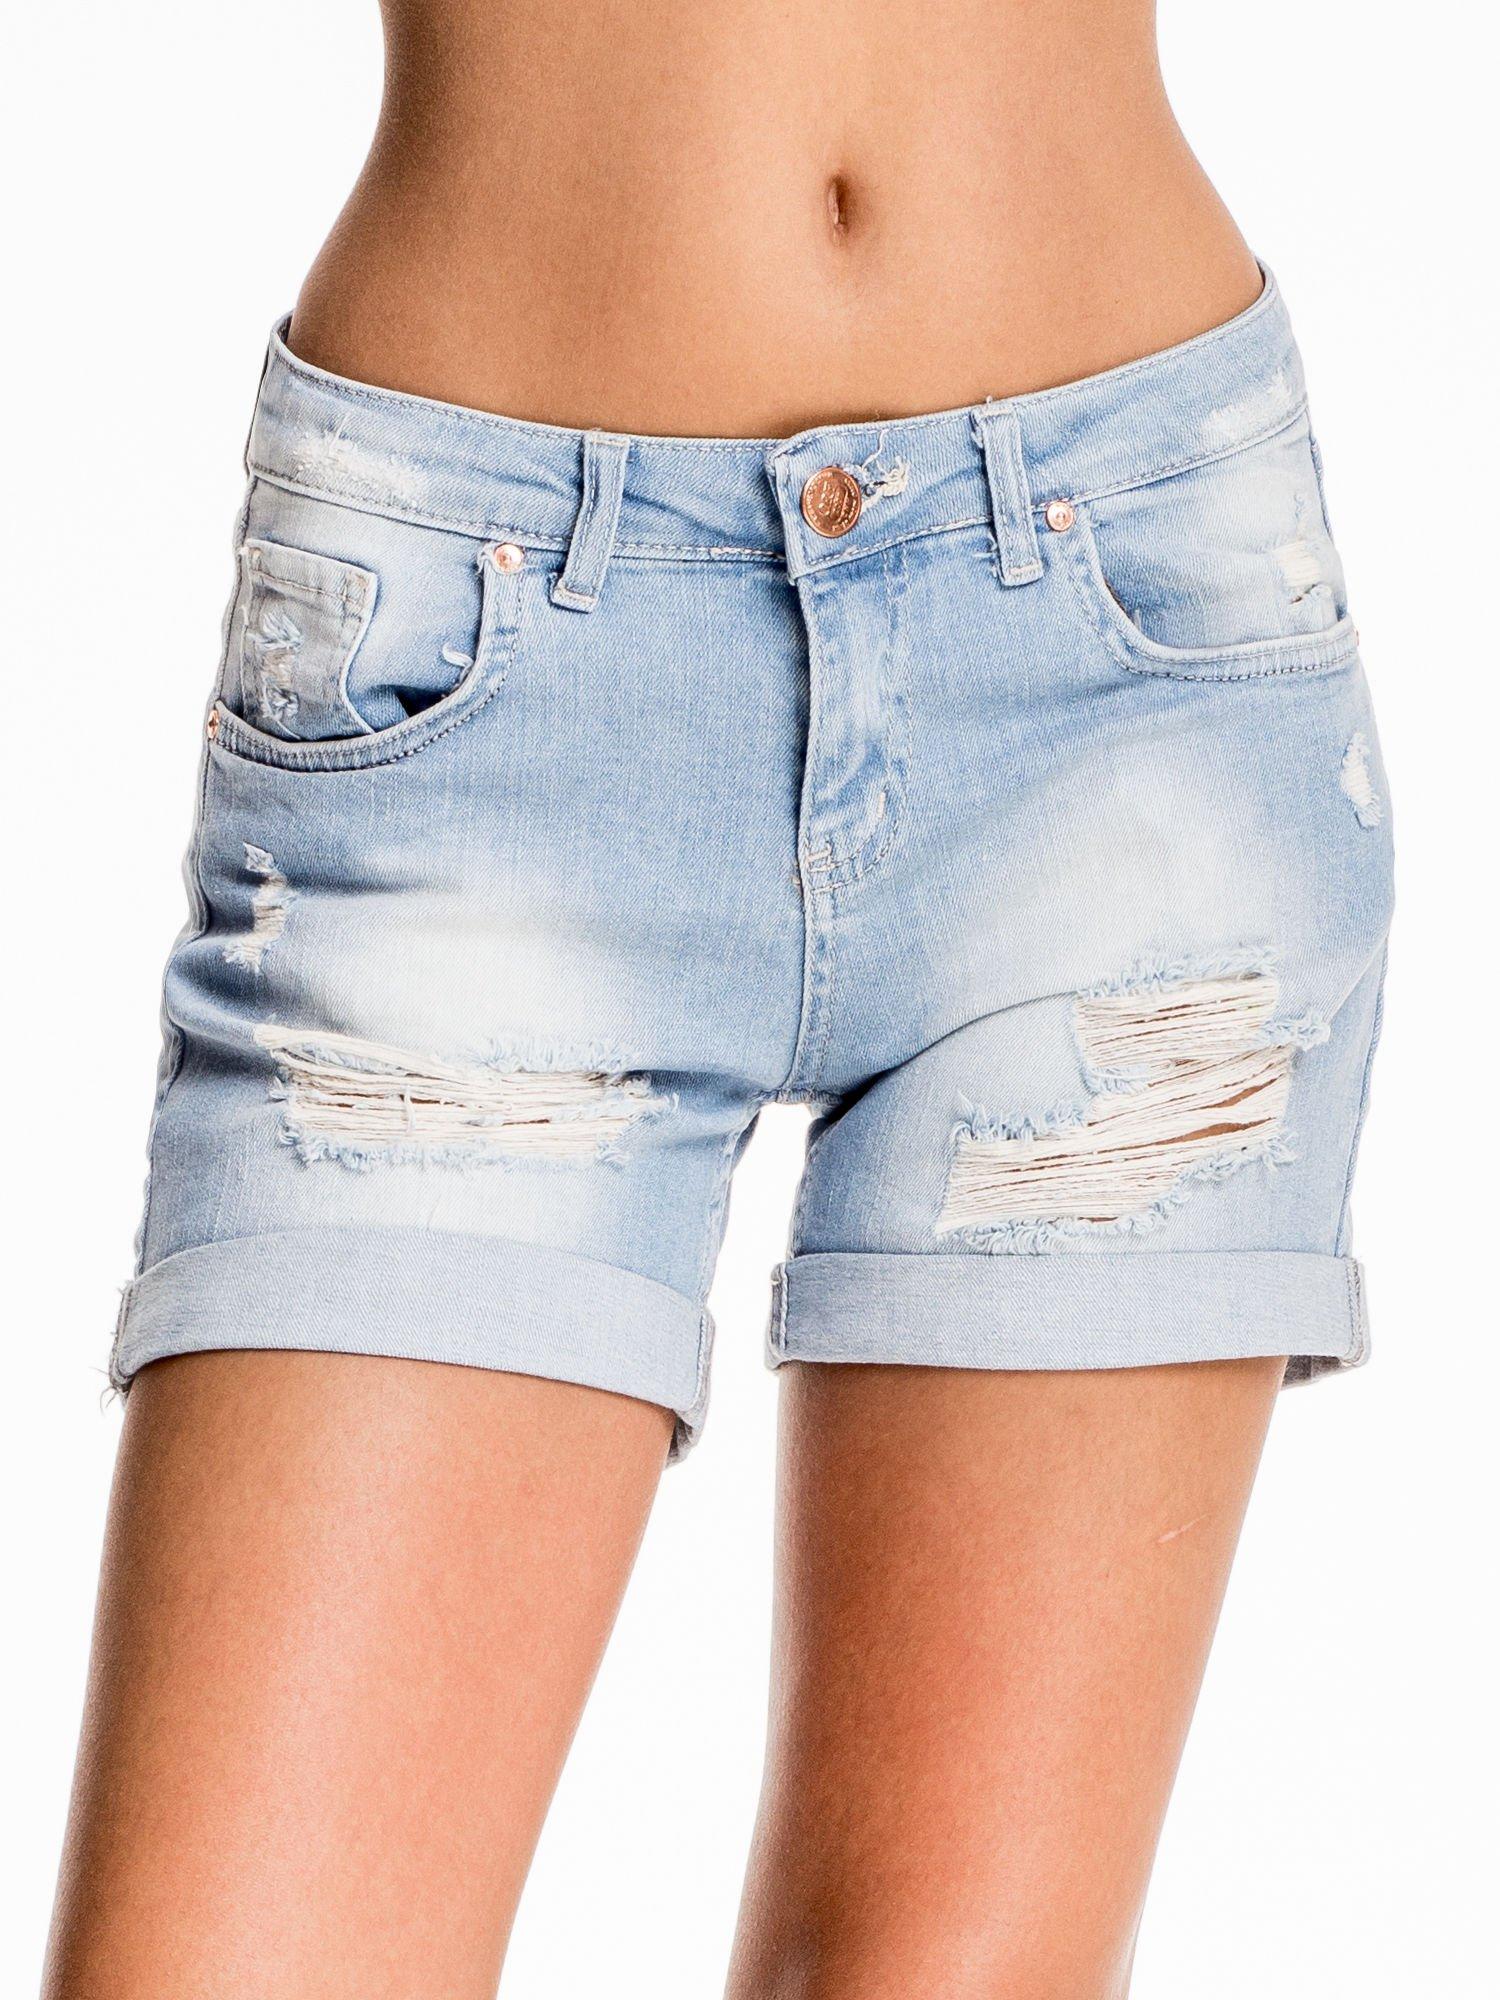 Jasnoniebieskie jeansowe szorty z przetarciem                                  zdj.                                  1